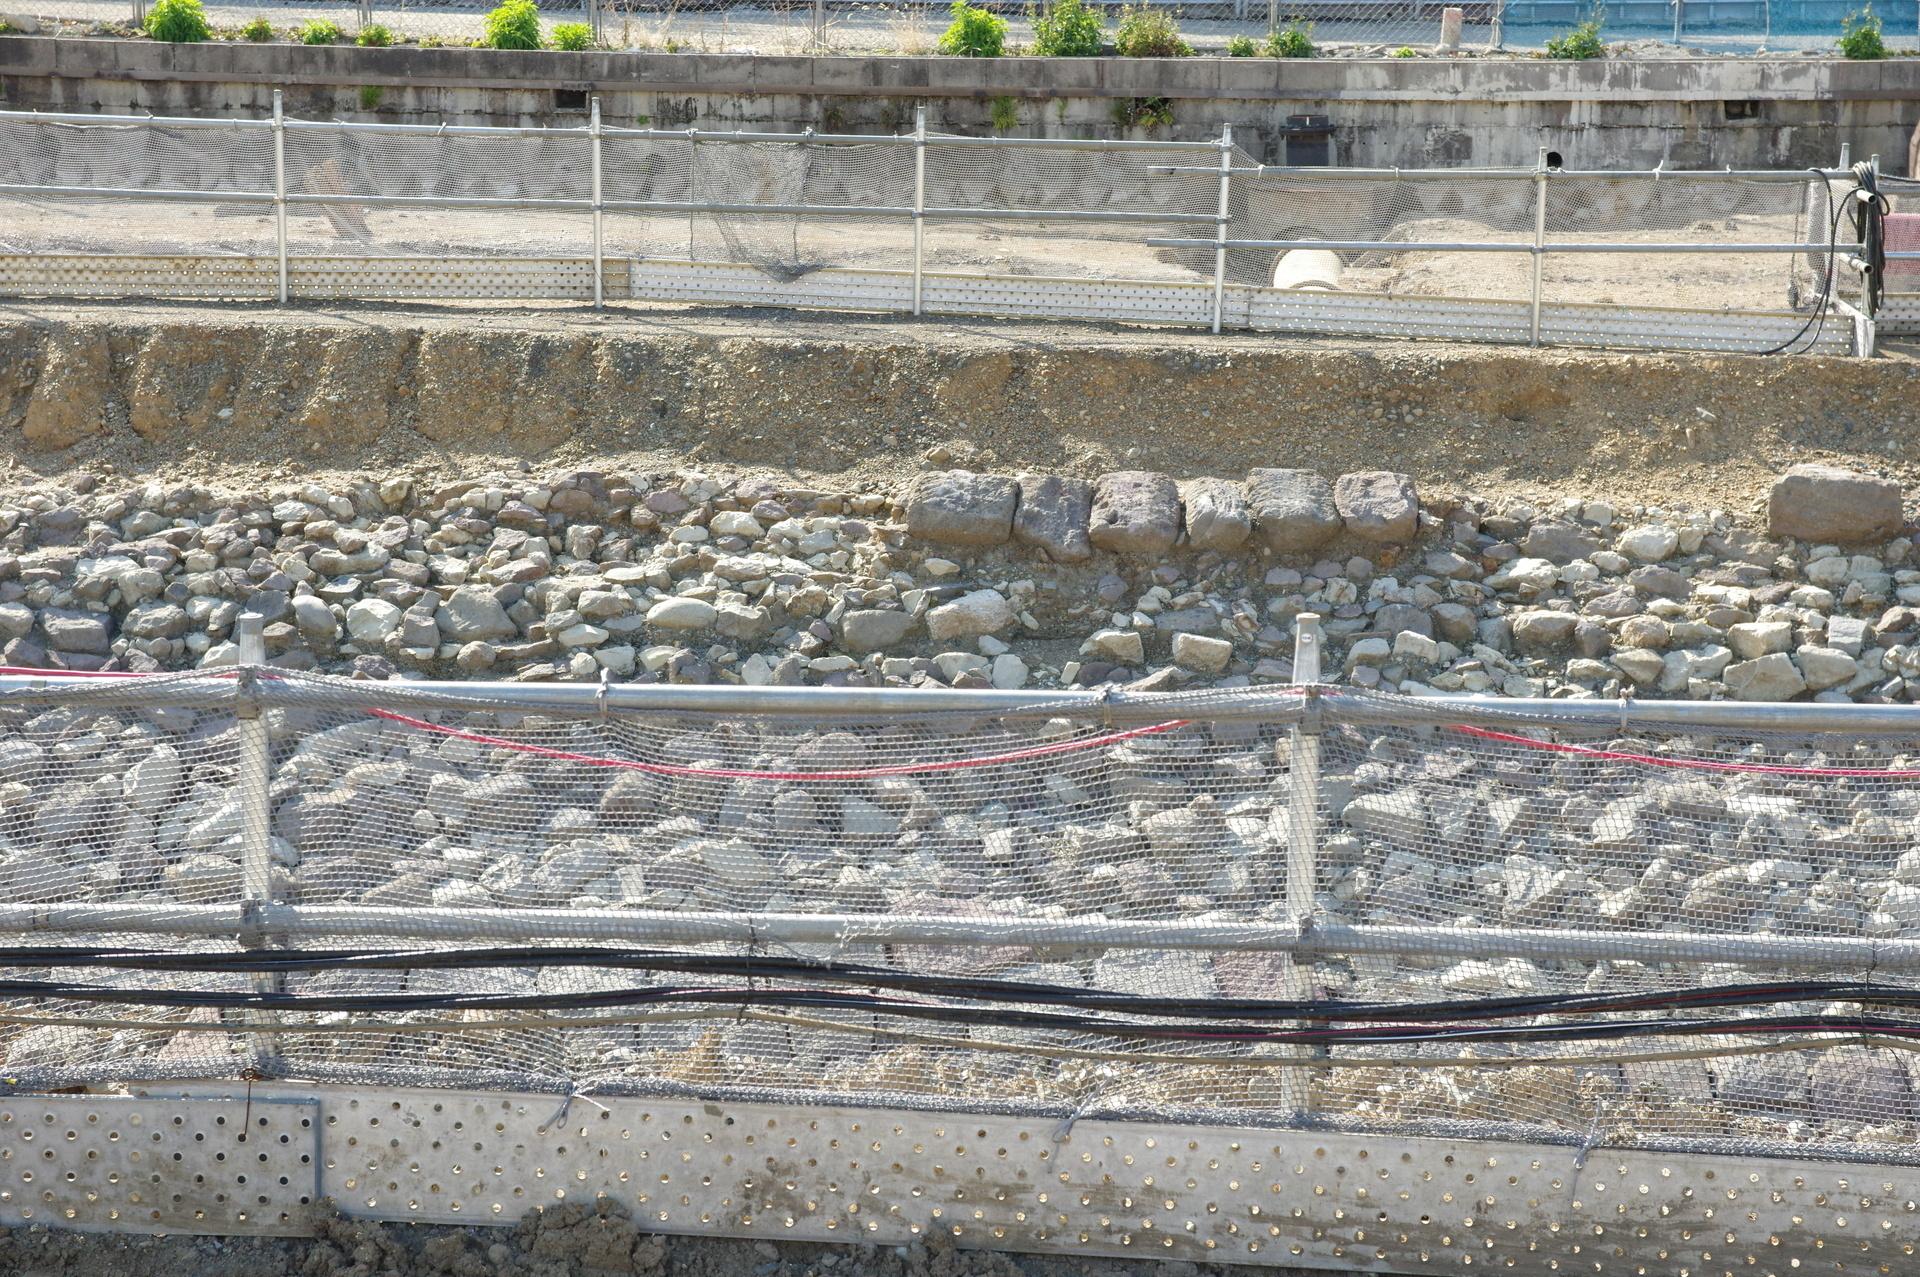 築堤上面に白いパイプが埋め込まれている箇所